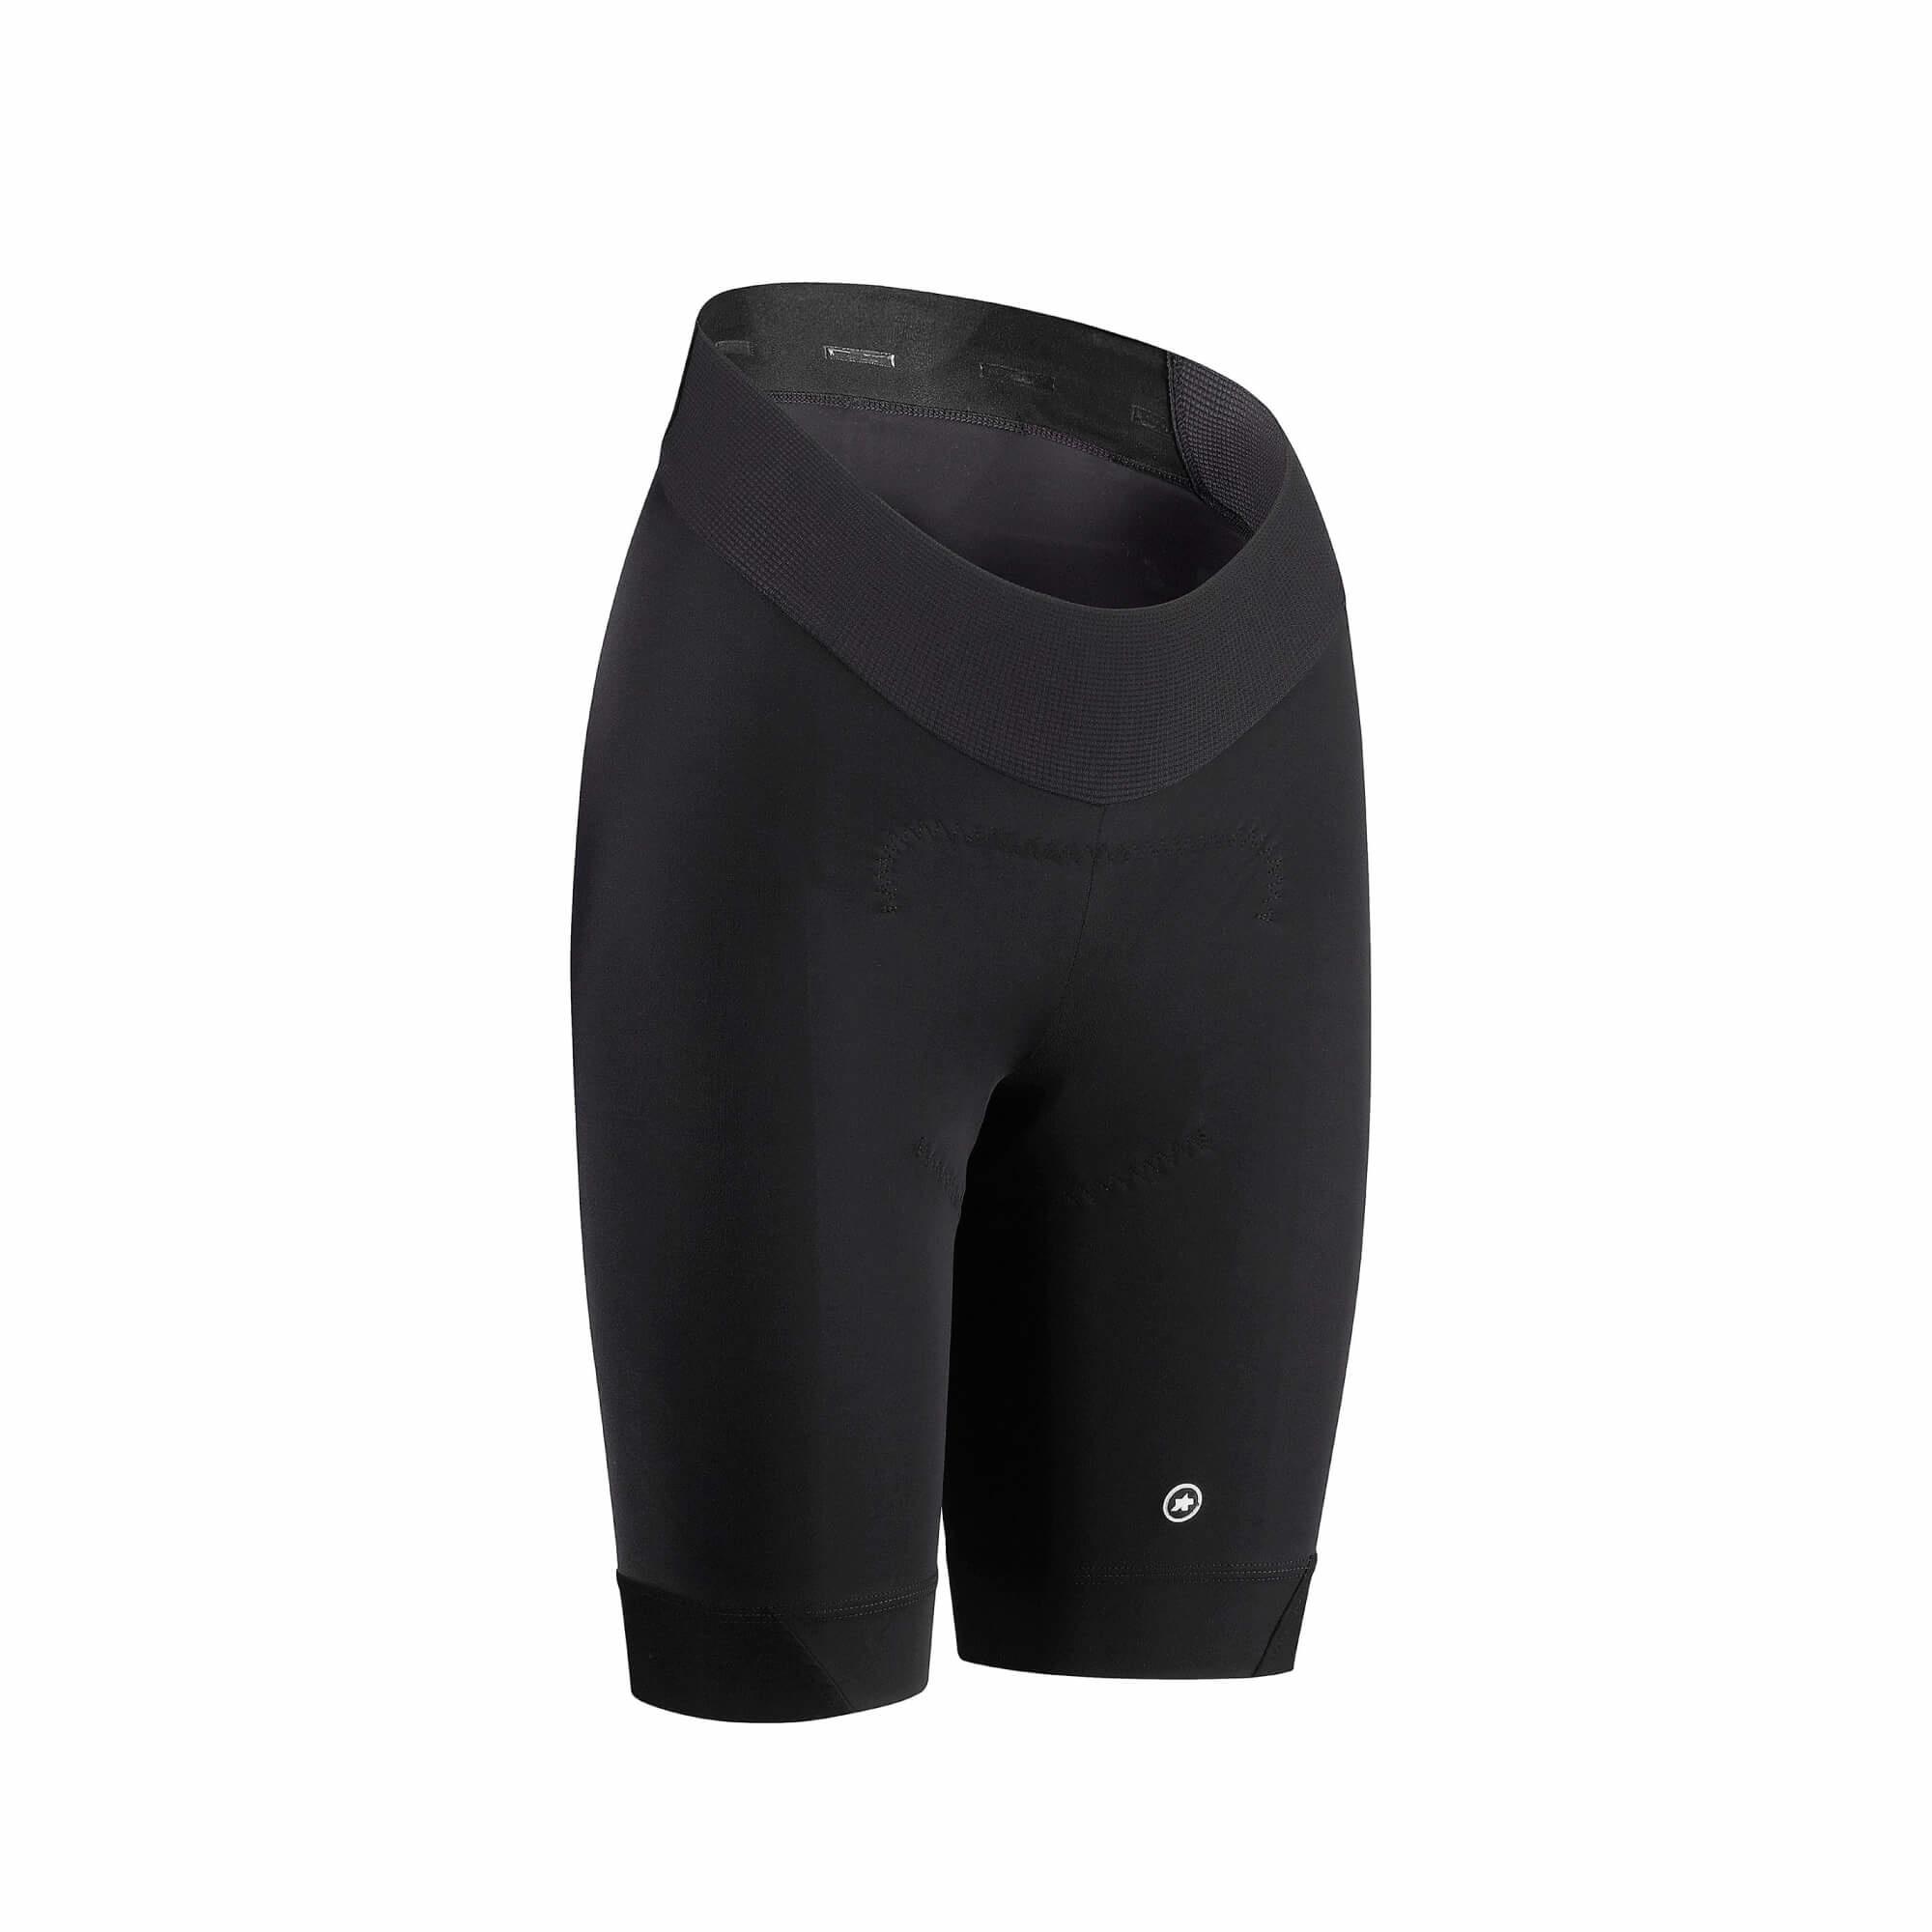 H.Laalalai S7 Lady Block Black Shorts-2